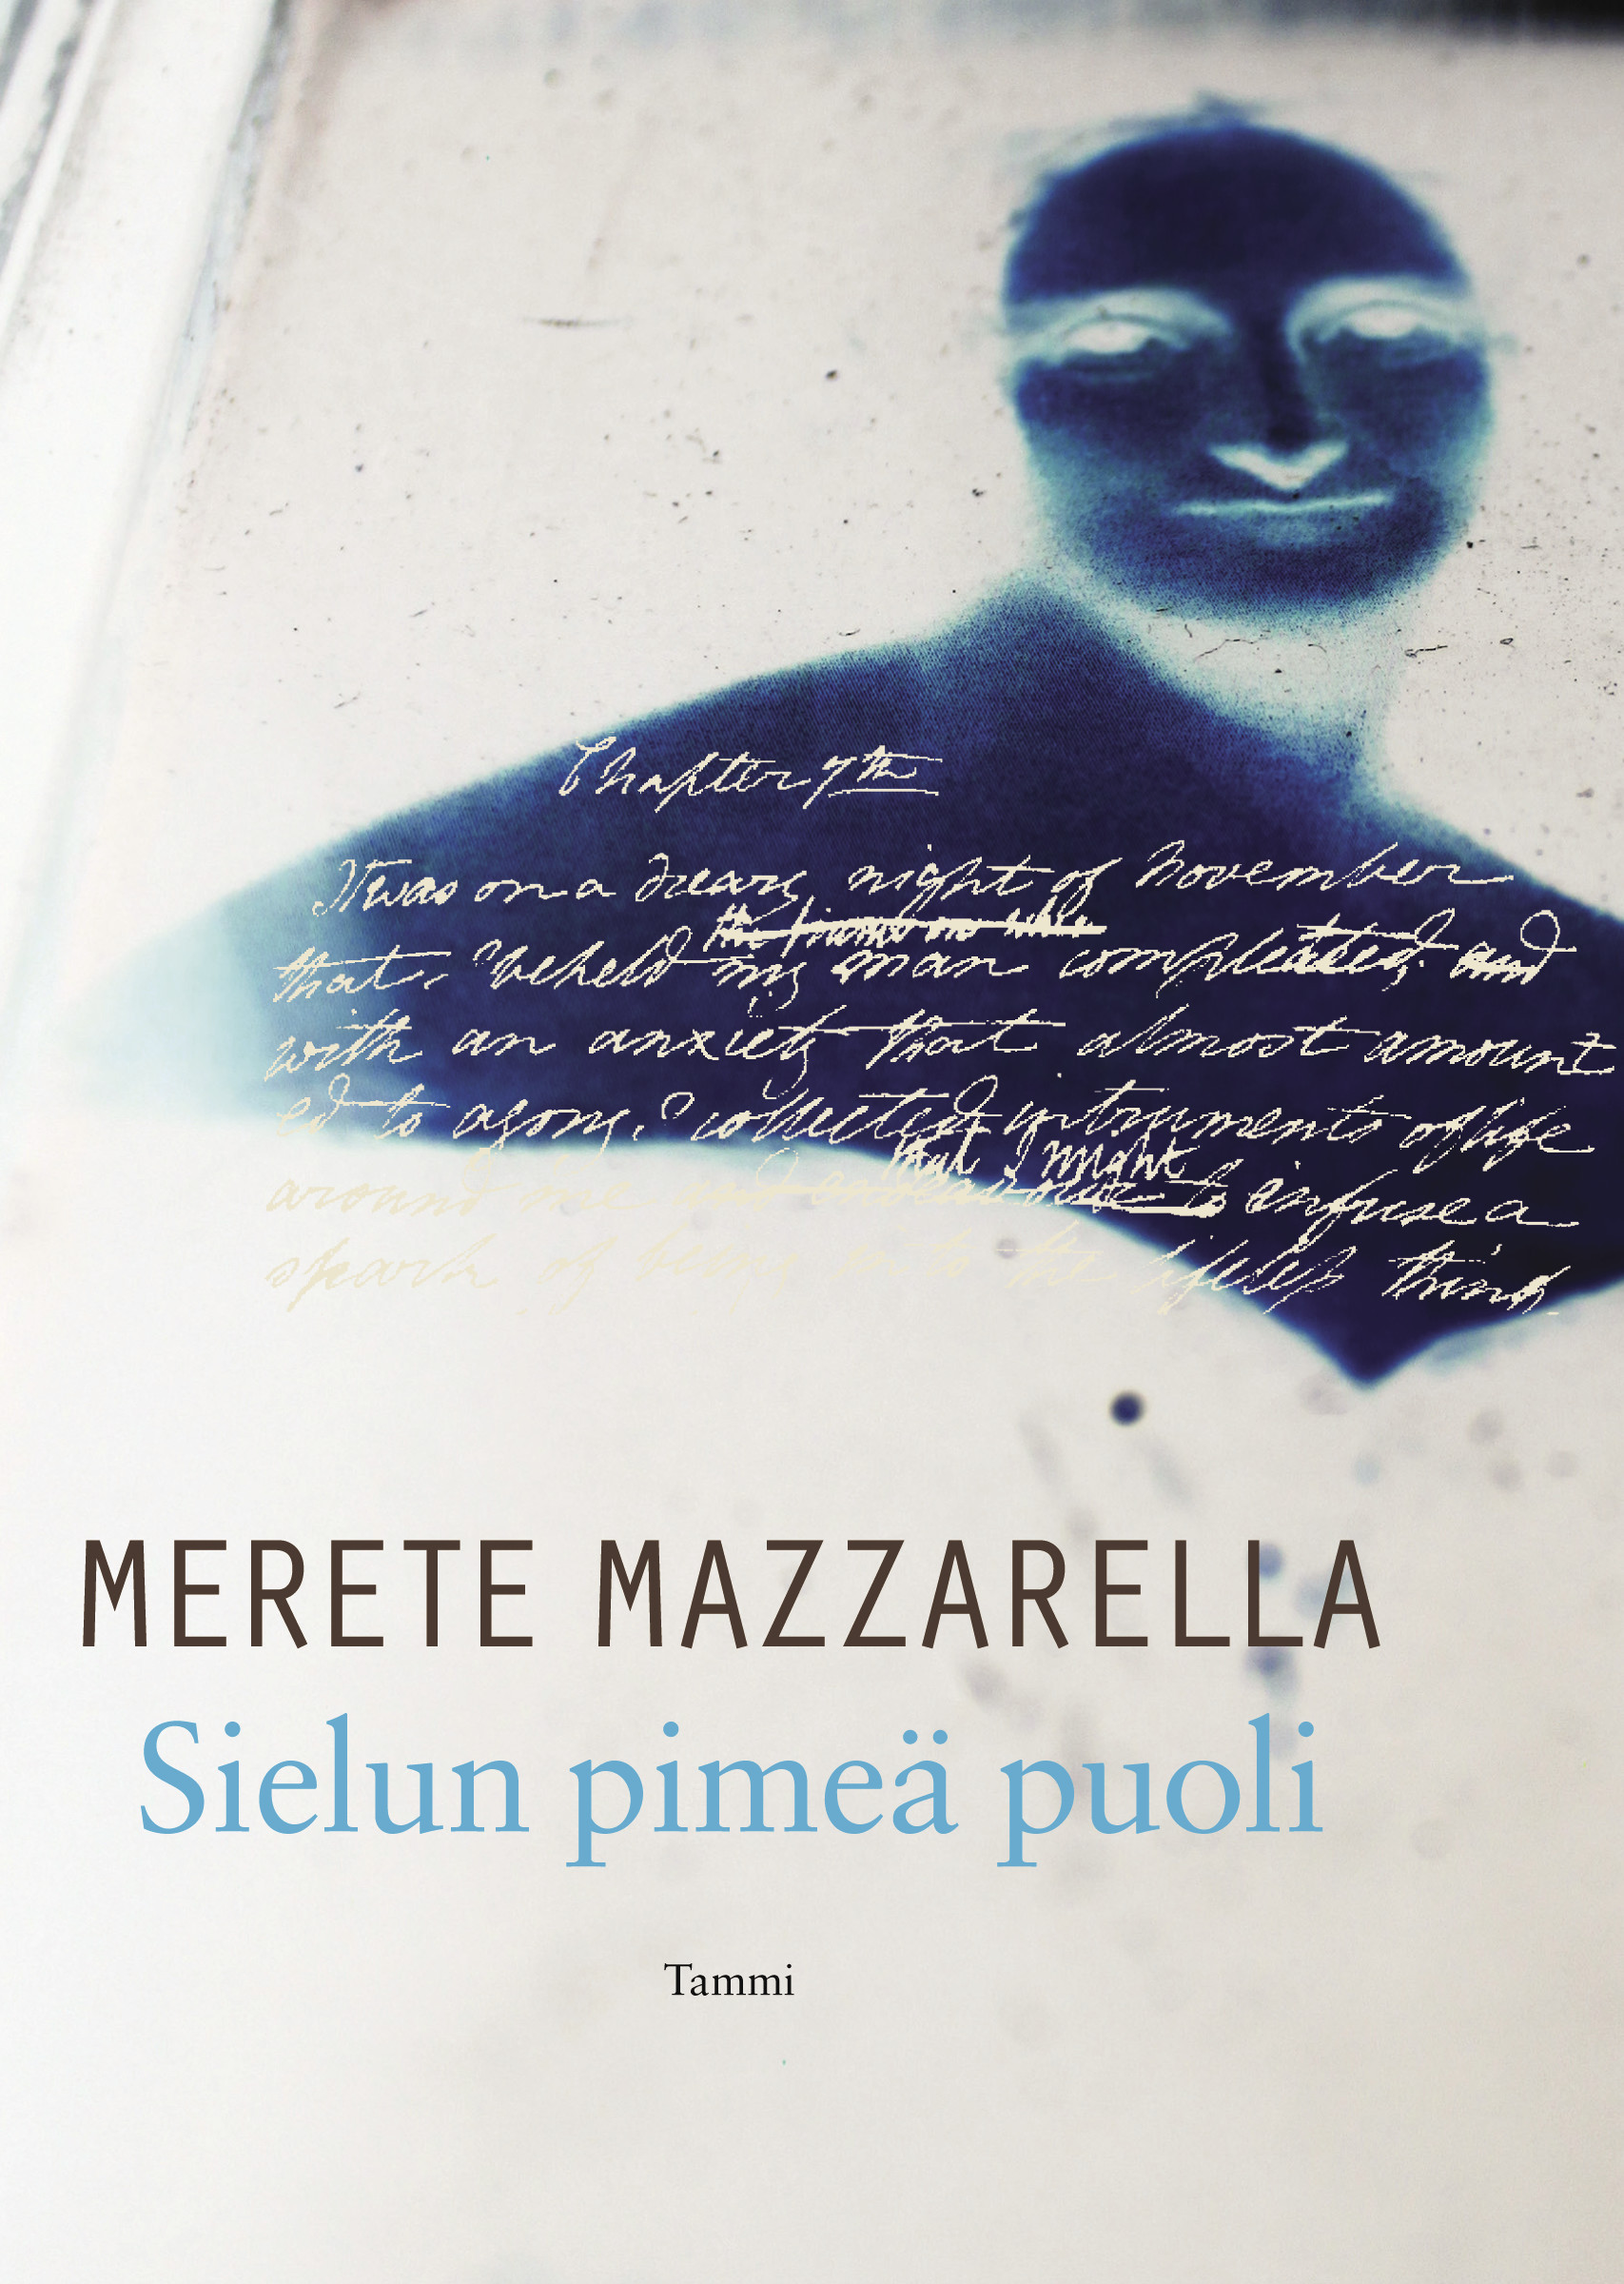 Mazzarella, Merete - Sielun pimeä puoli: Mary Shelley ja Frankenstein, ebook